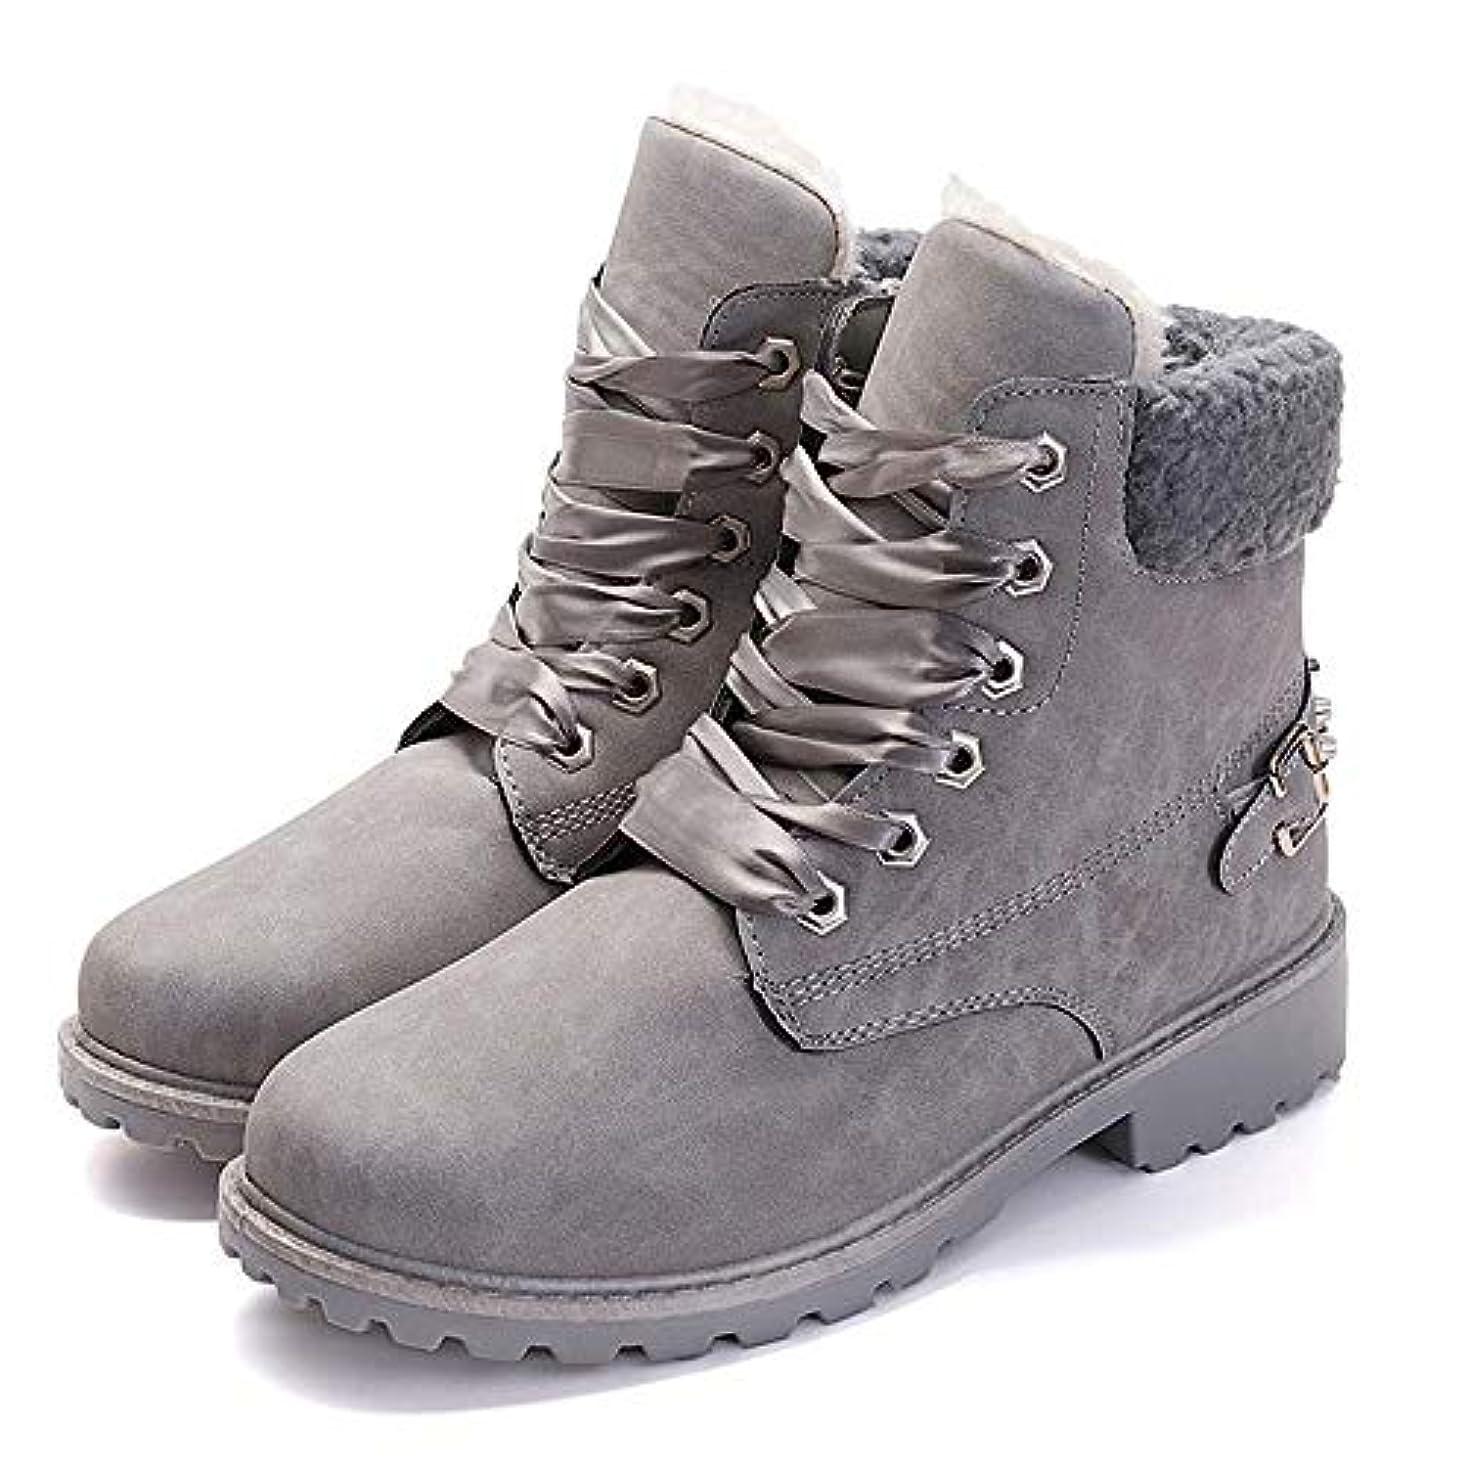 通知する比較的くつろぎFeteso ブーツ ブーティー シューズ レディース秋冬 厚底 裹起毛 スノーブーツ アウトドア ファッション高品質 Women Fashion Shoes Winter Boots 2018セール 通勤 普段着 レジャー